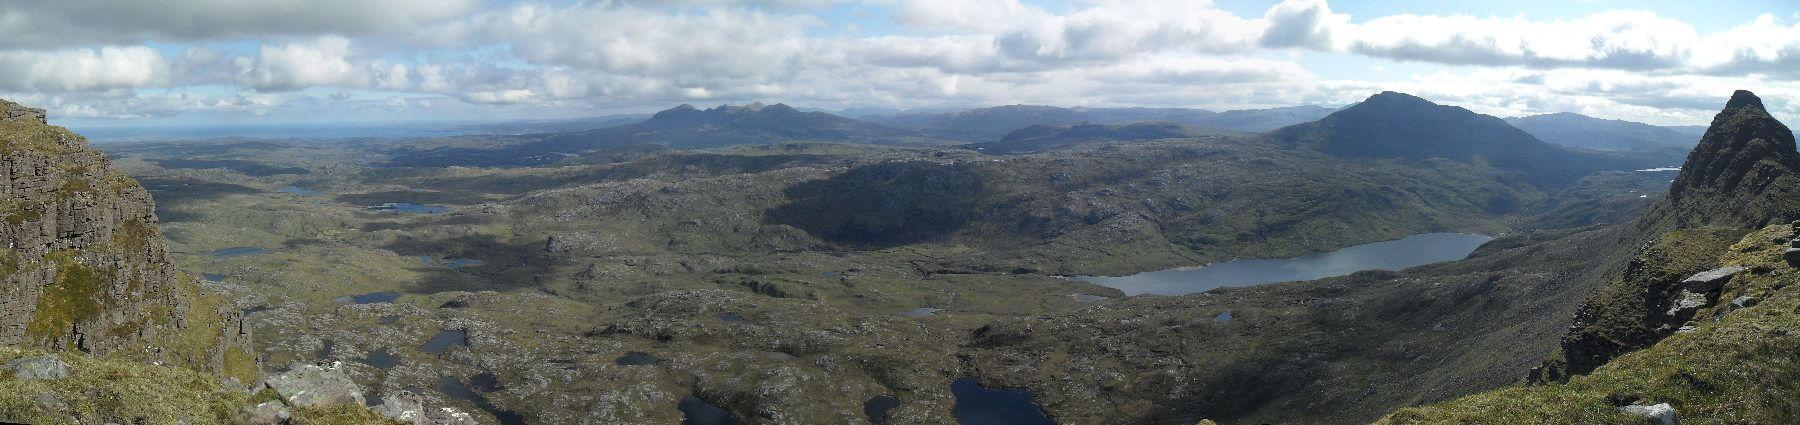 Blick nach Norden. Am Horizont das Quinag-Massiv,  rechts Canisp (847m) und Loch na Gainimh. In der Mitte der linken Bildhälfte, der schmale weiße Strich, ist die Suileag Bothy